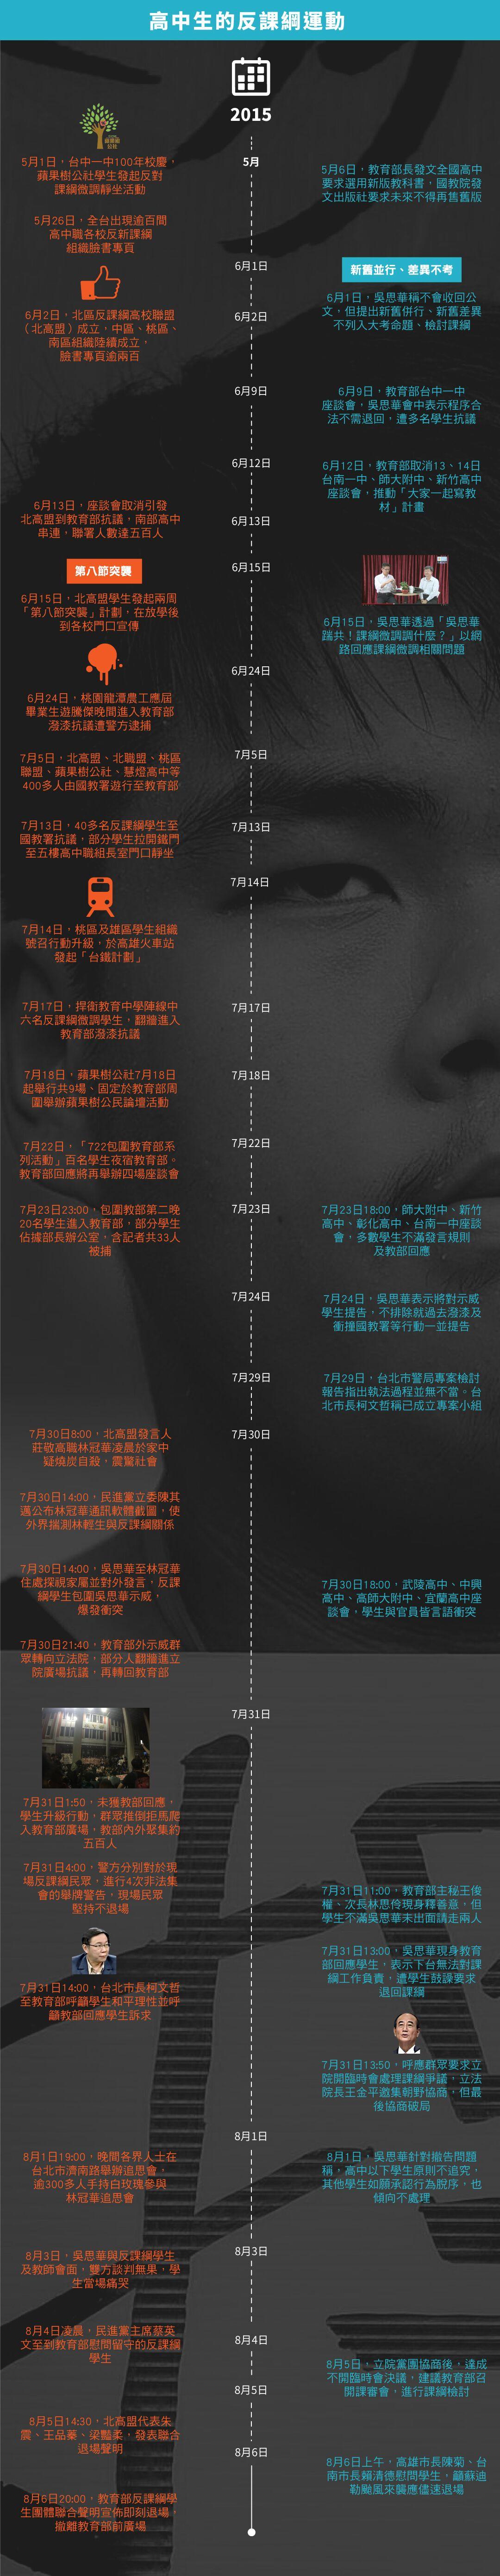 3分鐘看完1960年代至2015年8月6日課綱爭議歷史大事件。資料來源:台灣教育部全球資訊網頁、自由時報、聯合影音網、反課綱聯盟臉書專頁。